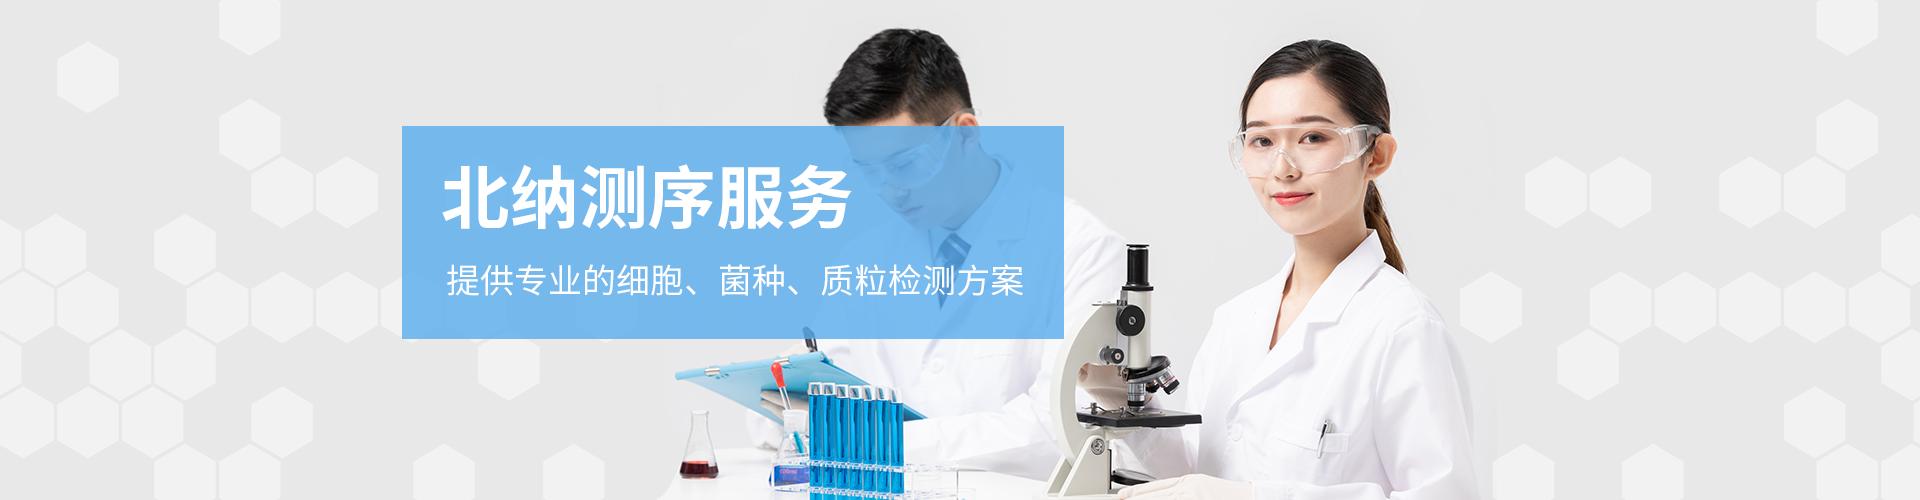 测序服务-www.bncc.org.cn北纳生物